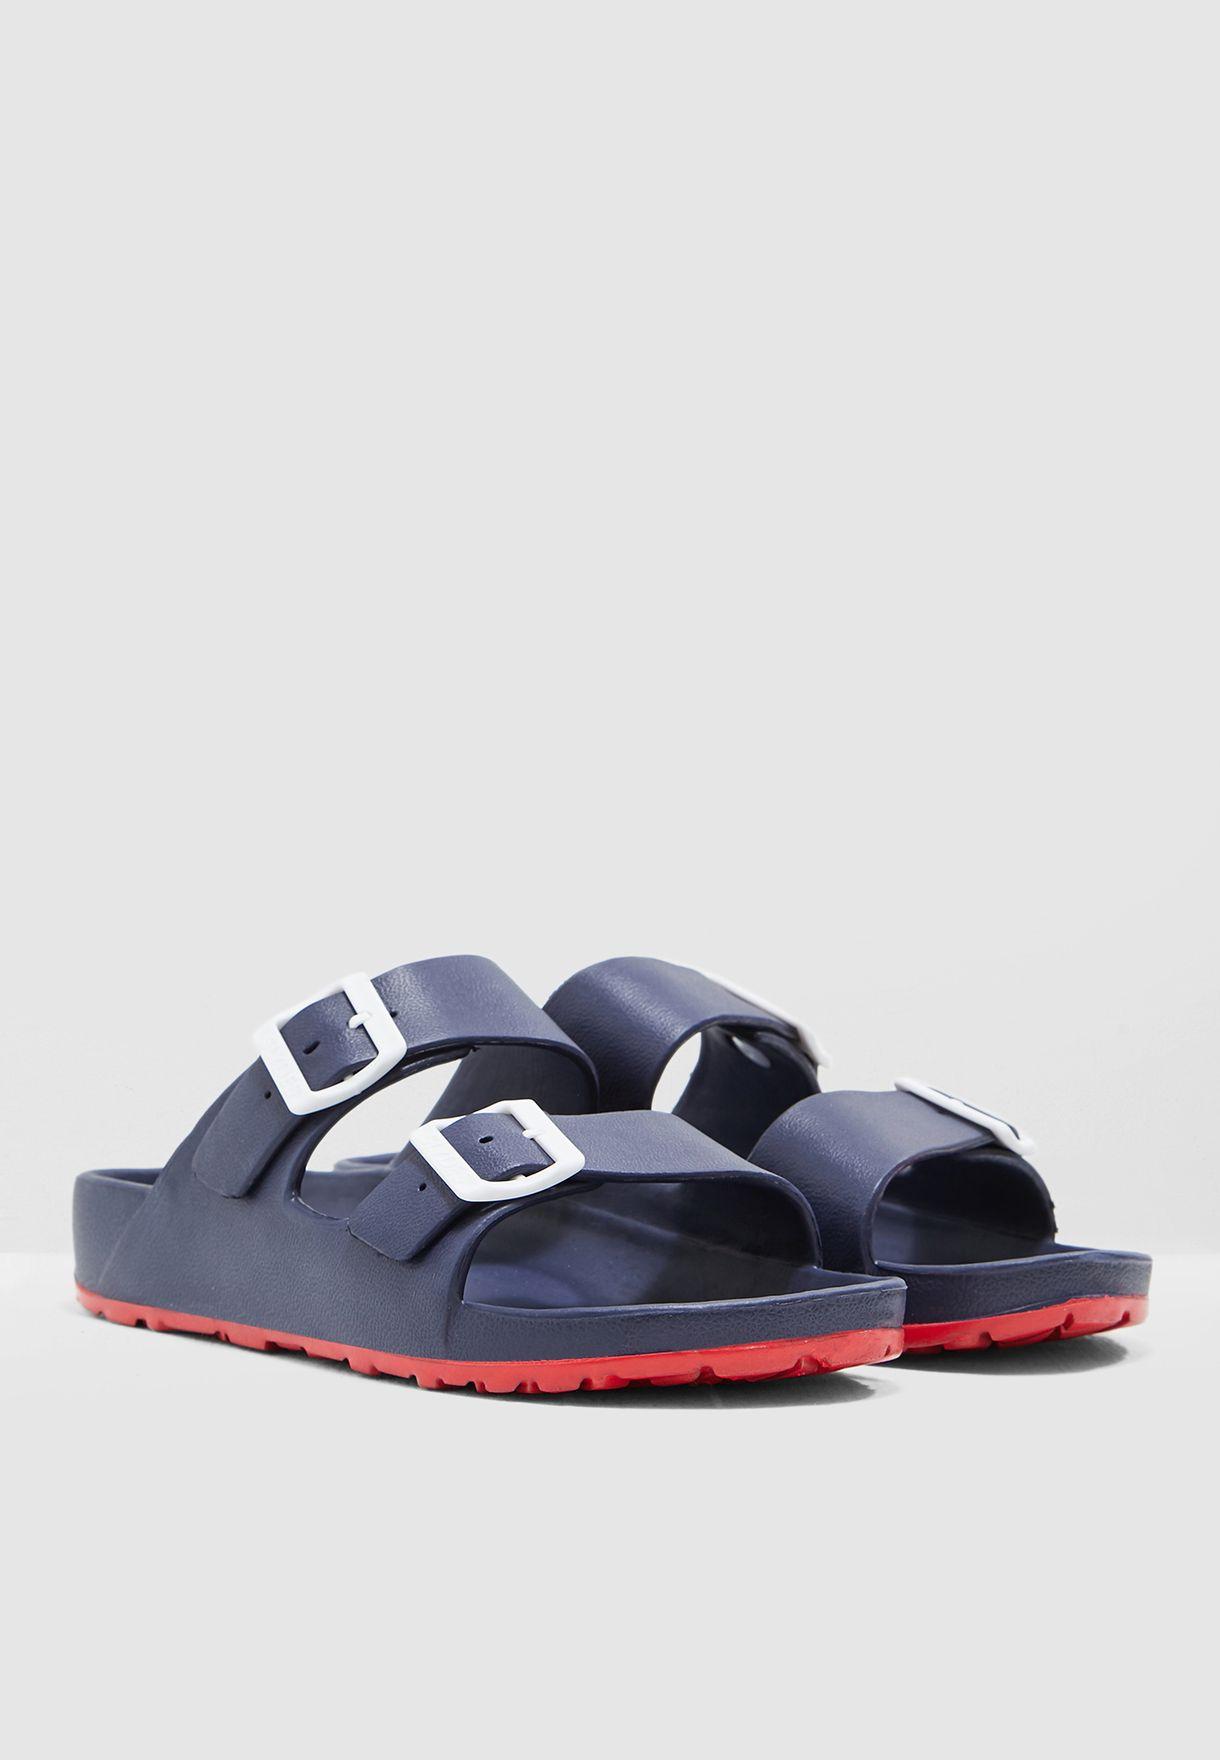 Double Strap Sandals